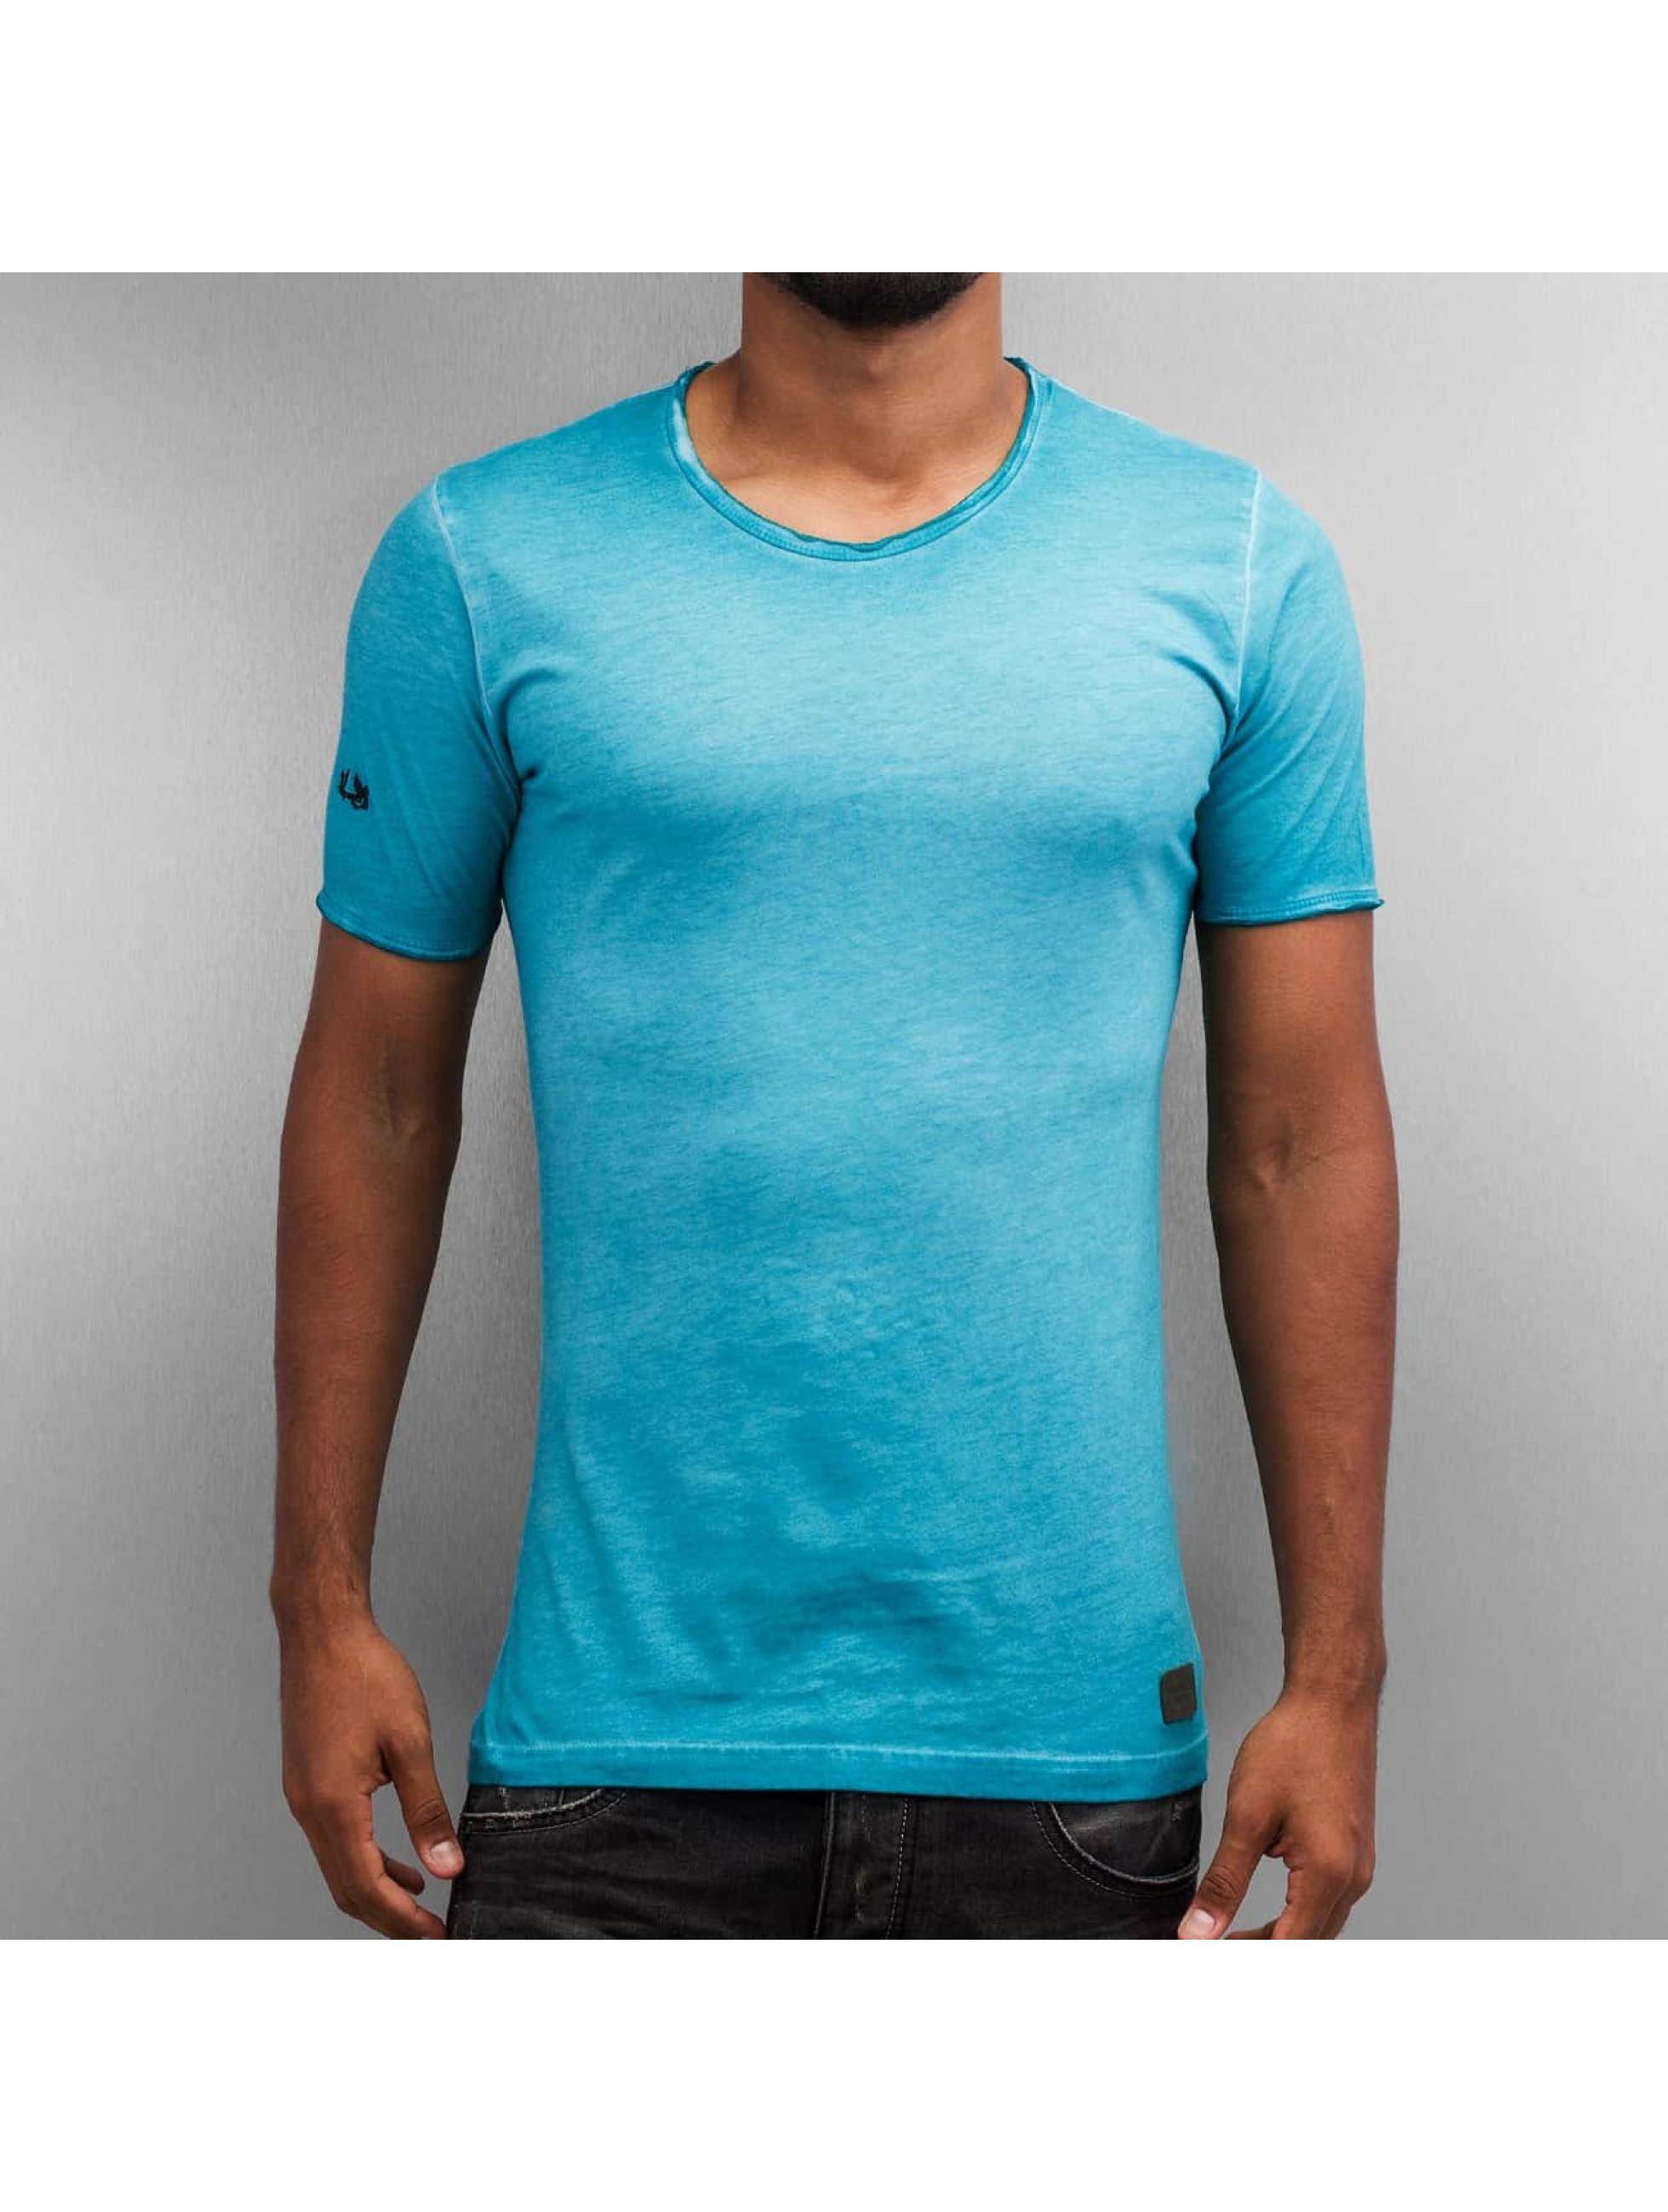 Pascucci T-shirt Dyed blå